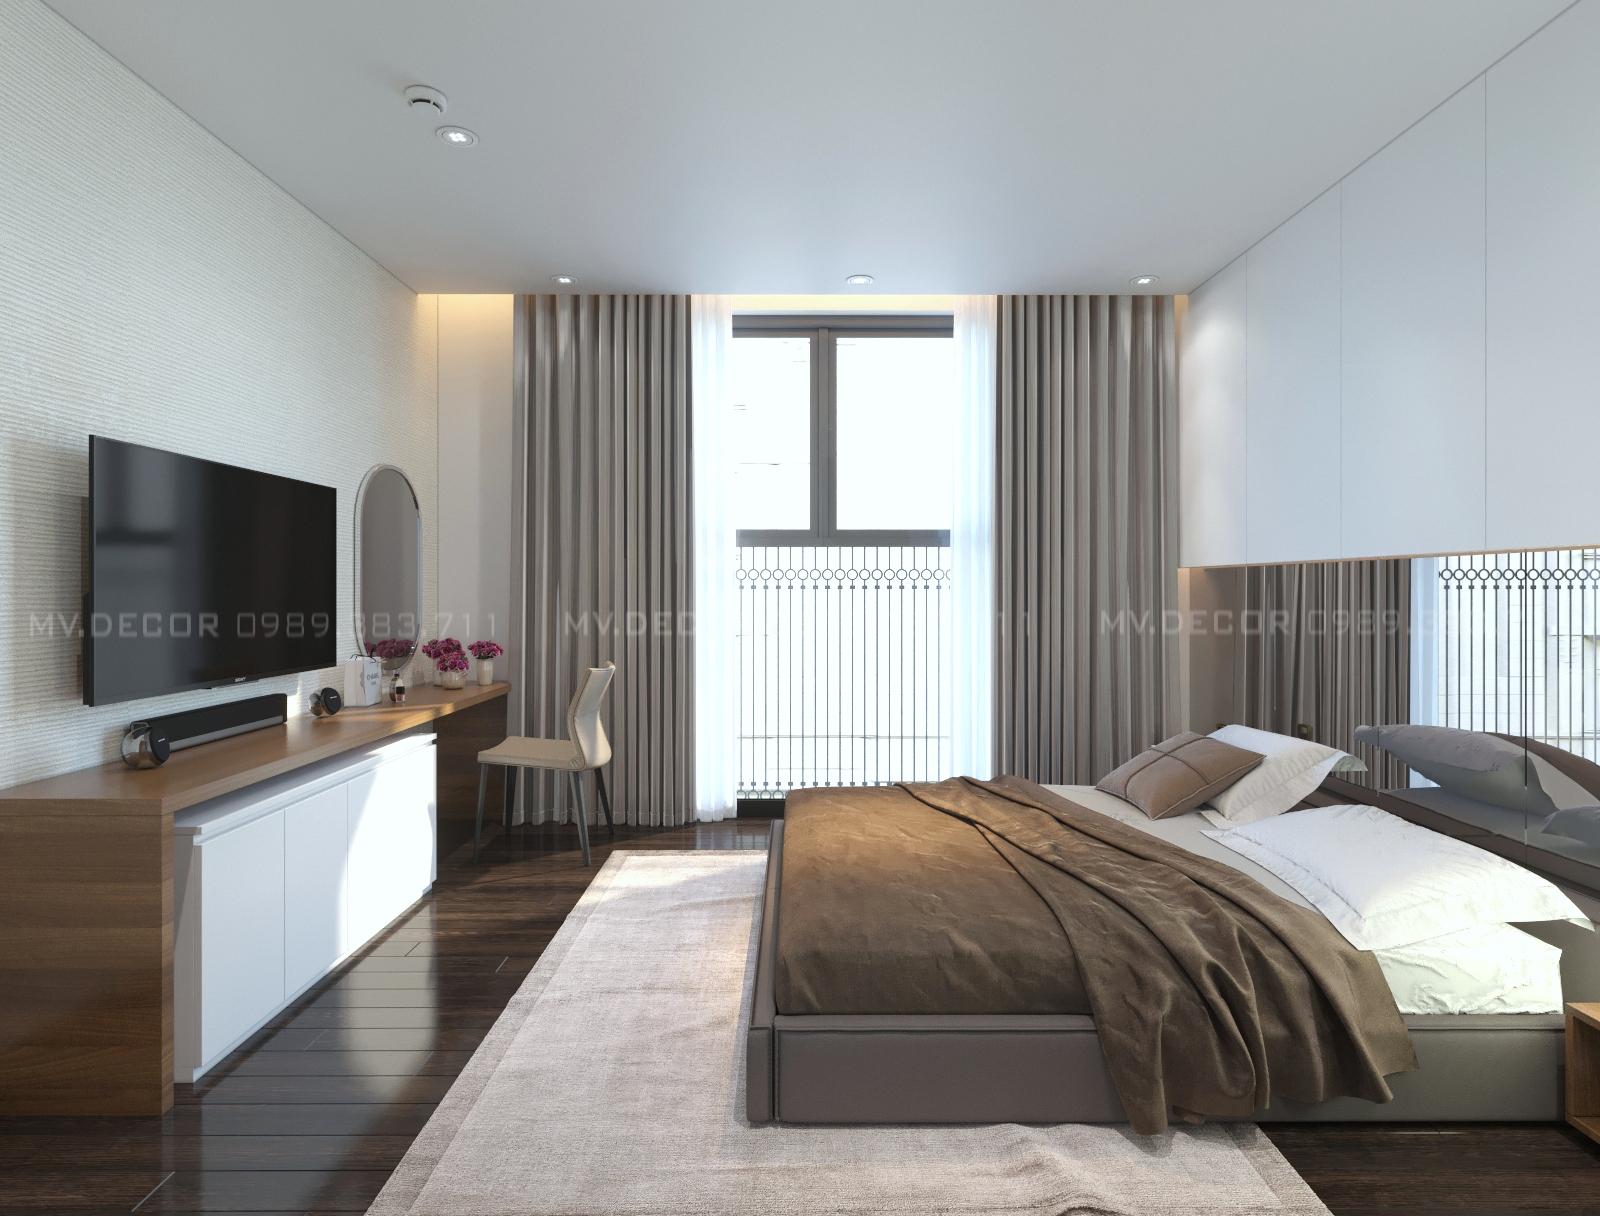 thiết kế nội thất chung cư tại Hà Nội duplex tân hoàng minh hoàng cầu 14 1550072053